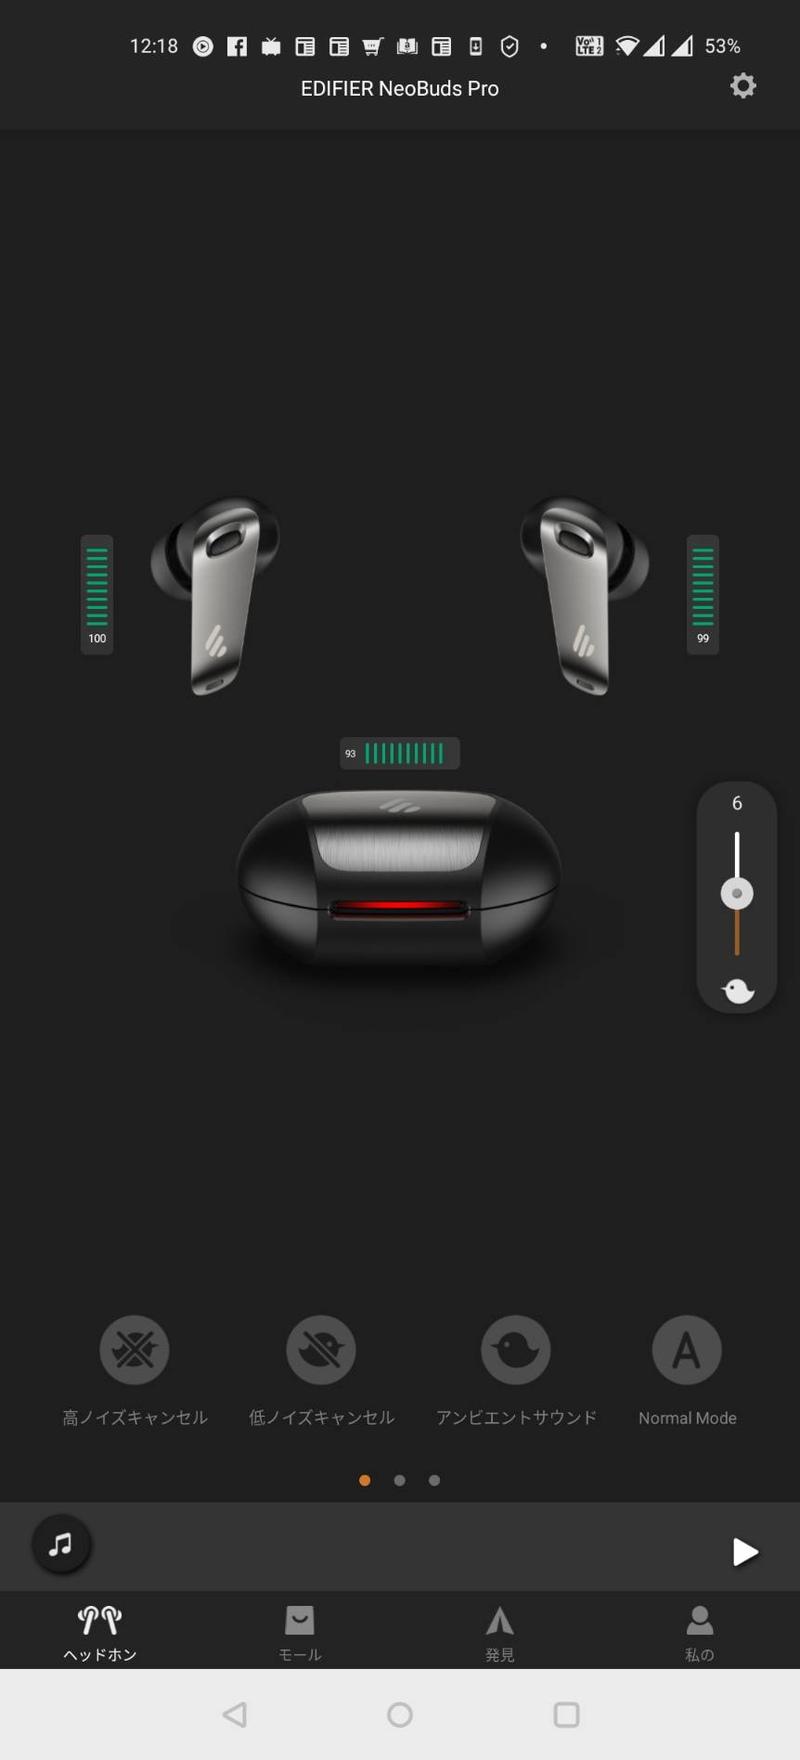 EDIFIER NeoBuds Pro レビュー  ノイズキャンセリング・外音取込み機能の性能について